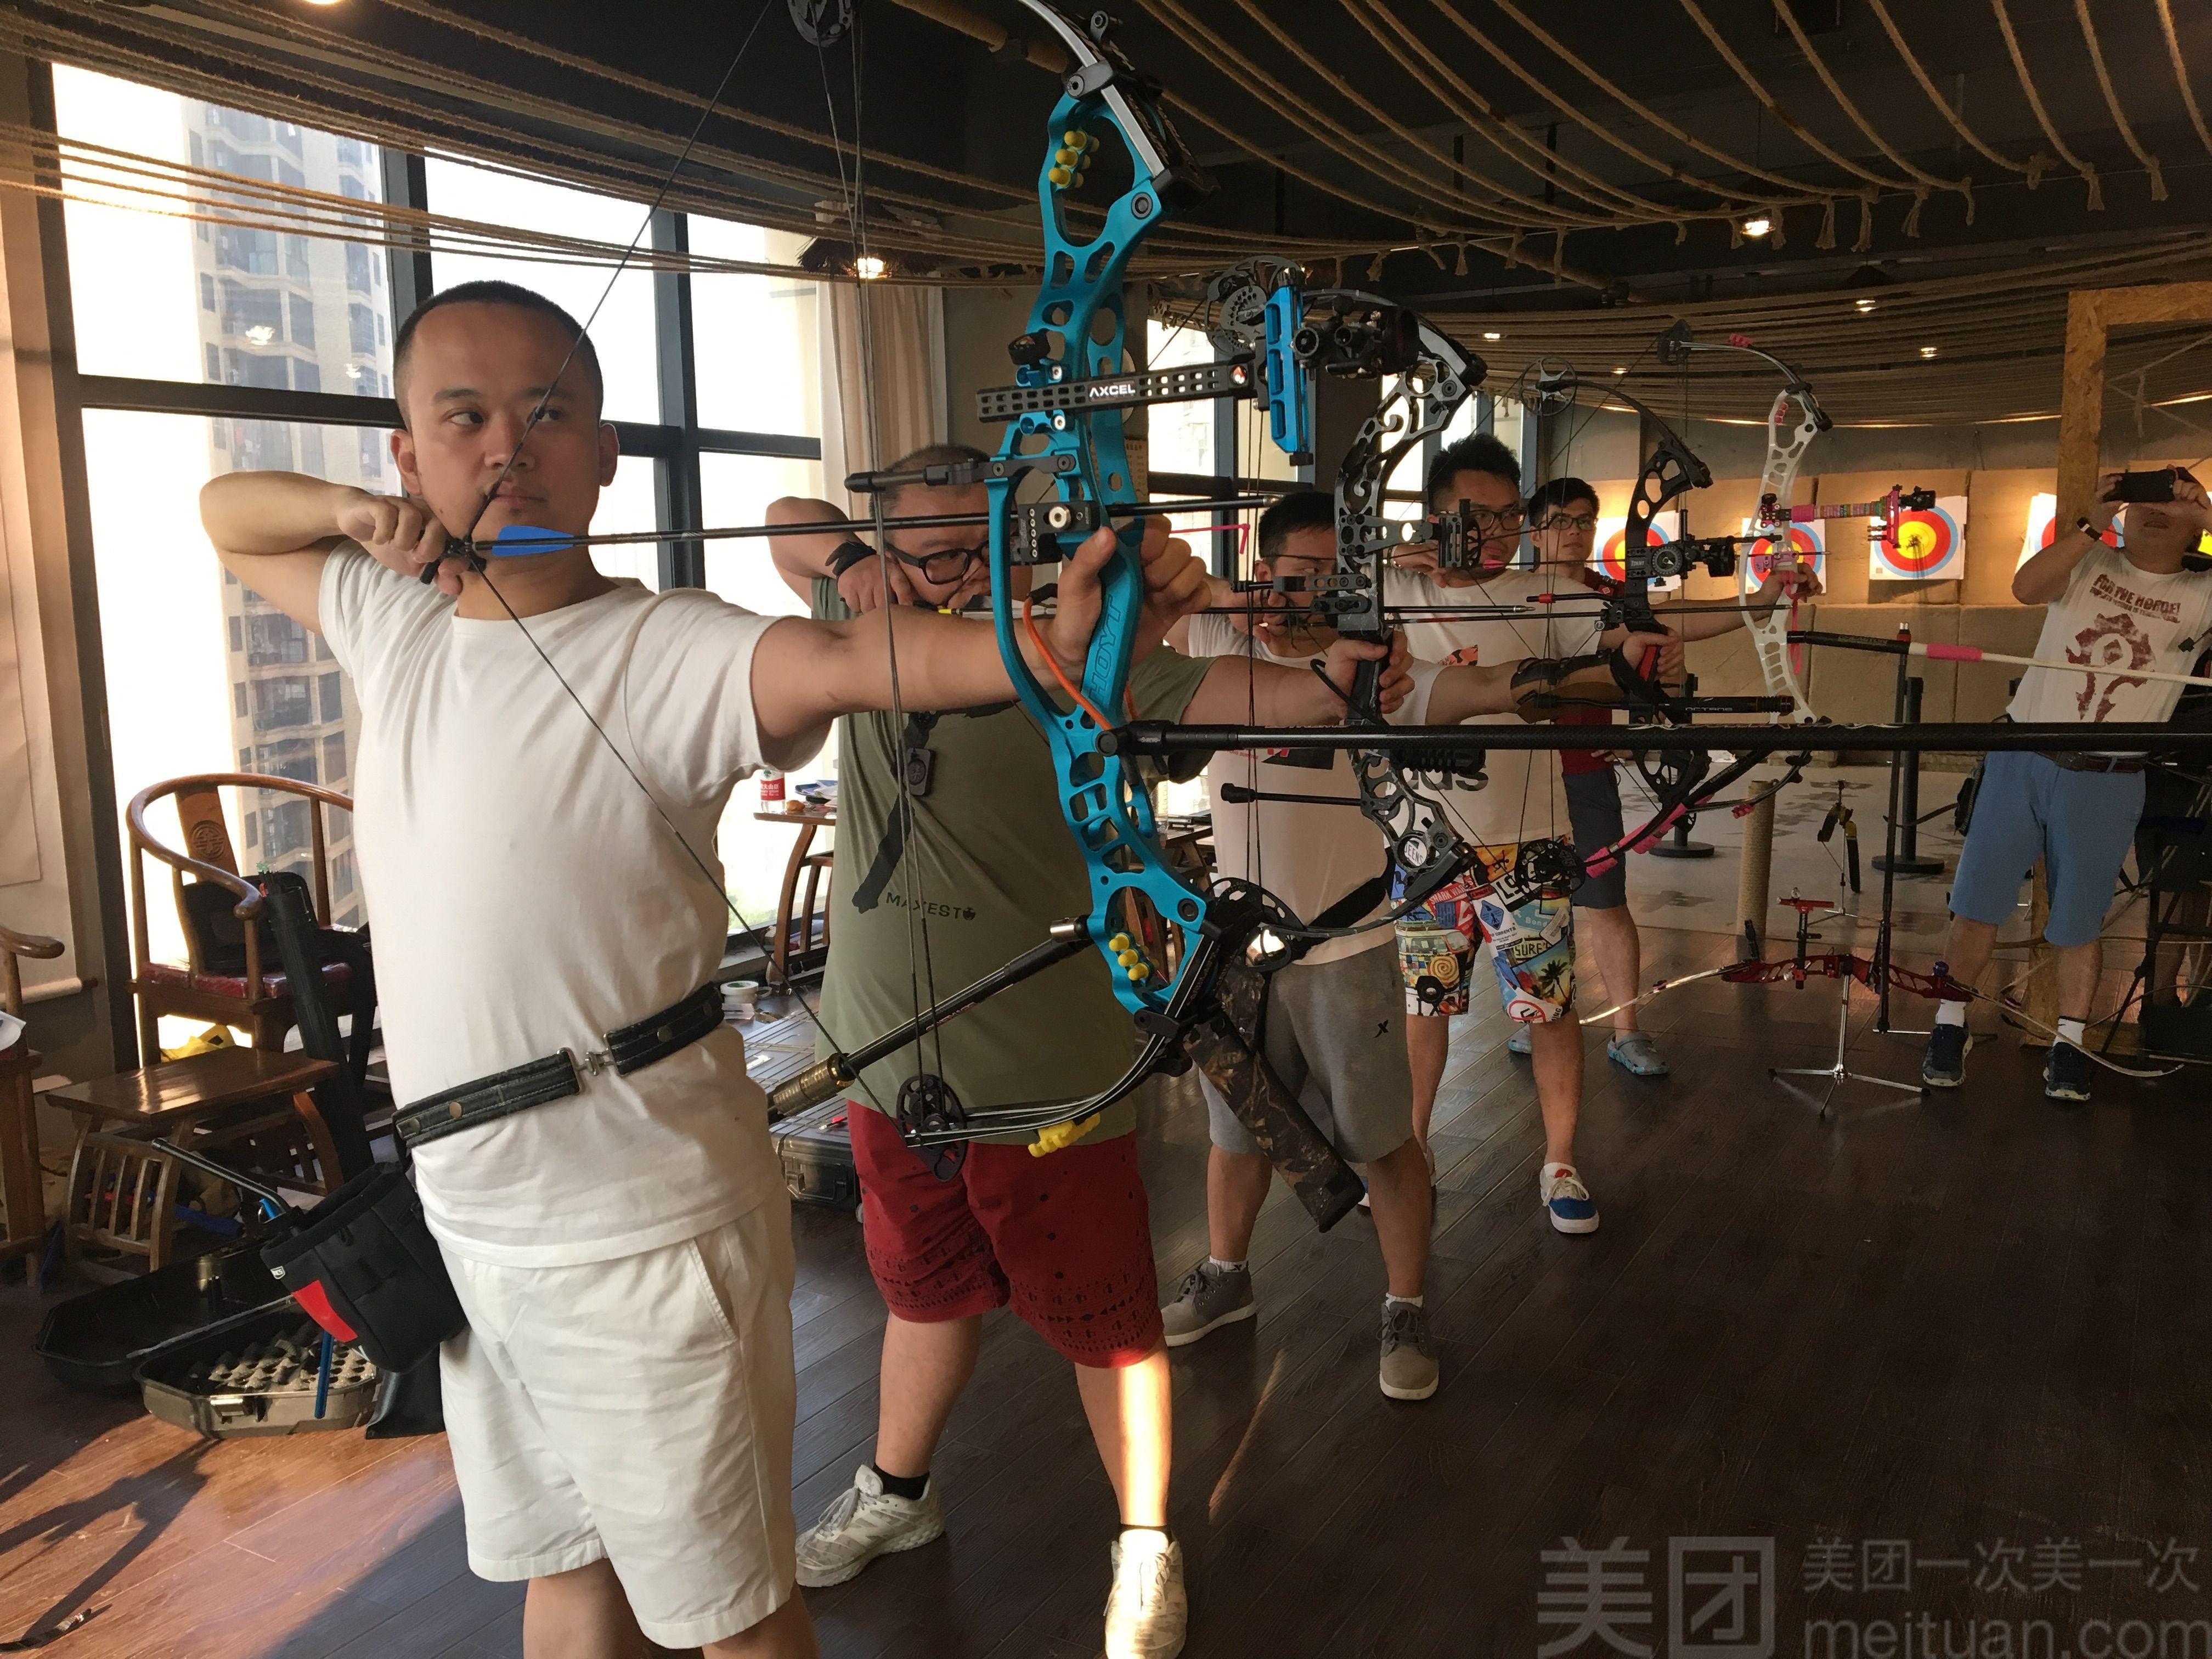 :长沙今日钱柜娱乐官网:【柒弓馆】柒弓馆双人射箭体验一小时